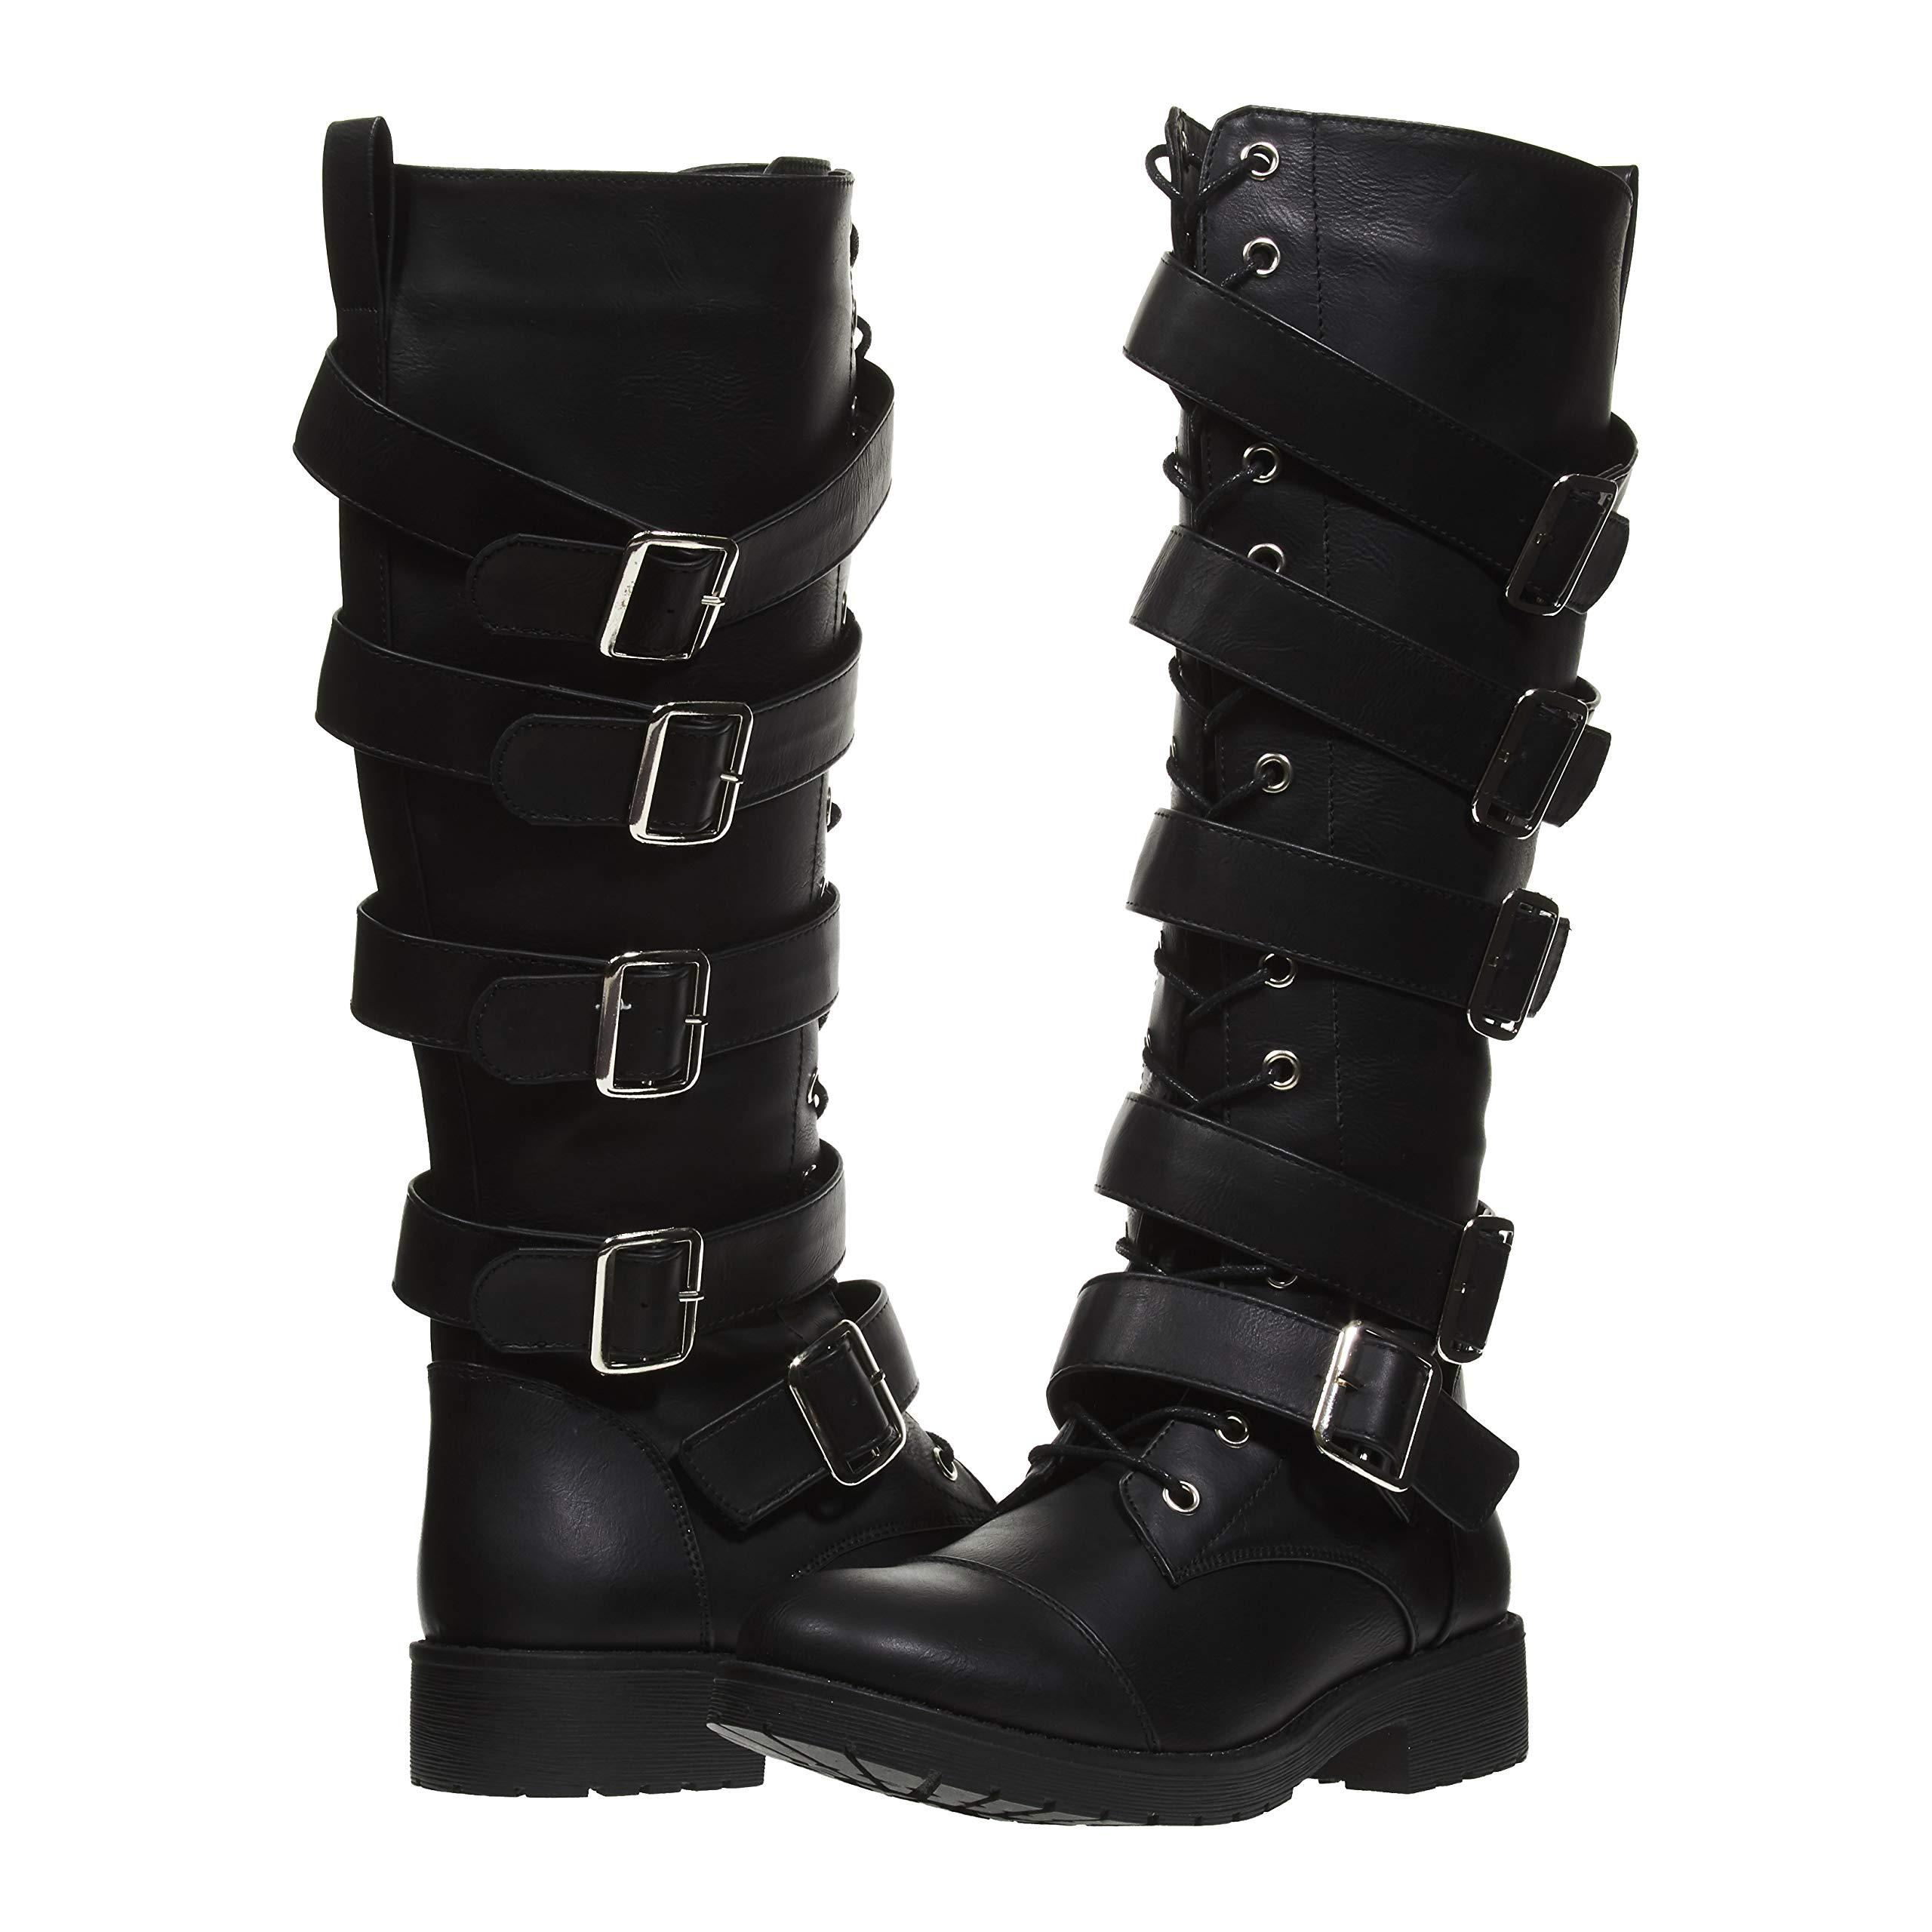 ファッションバックルレディースブーツ;ブラックレディースブーツ